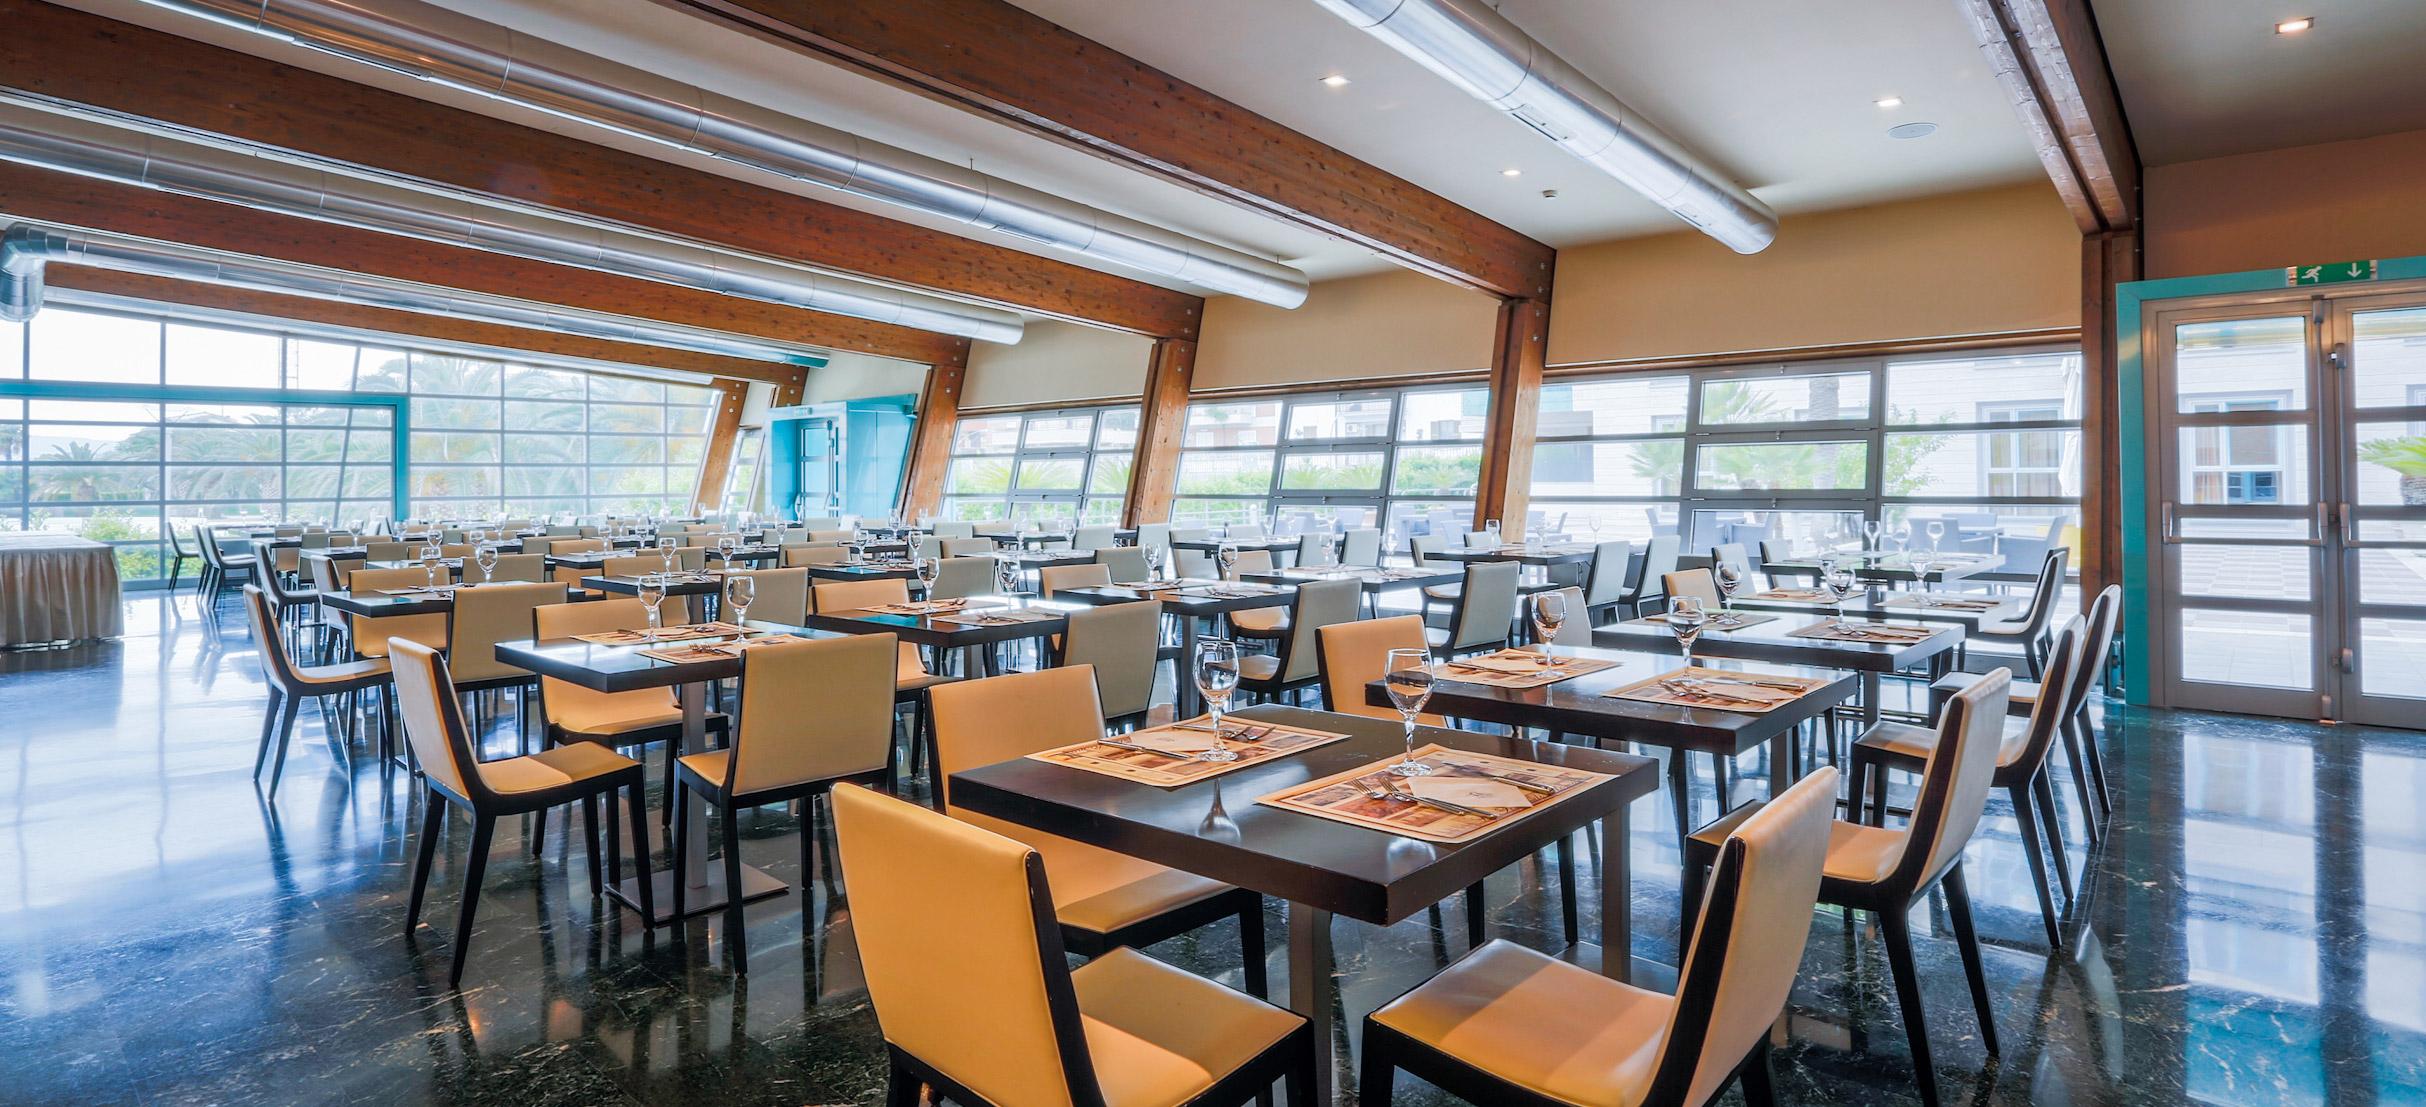 Ristorante centro termale victoria terme hotel tivoli - Parco tivoli piscina ...